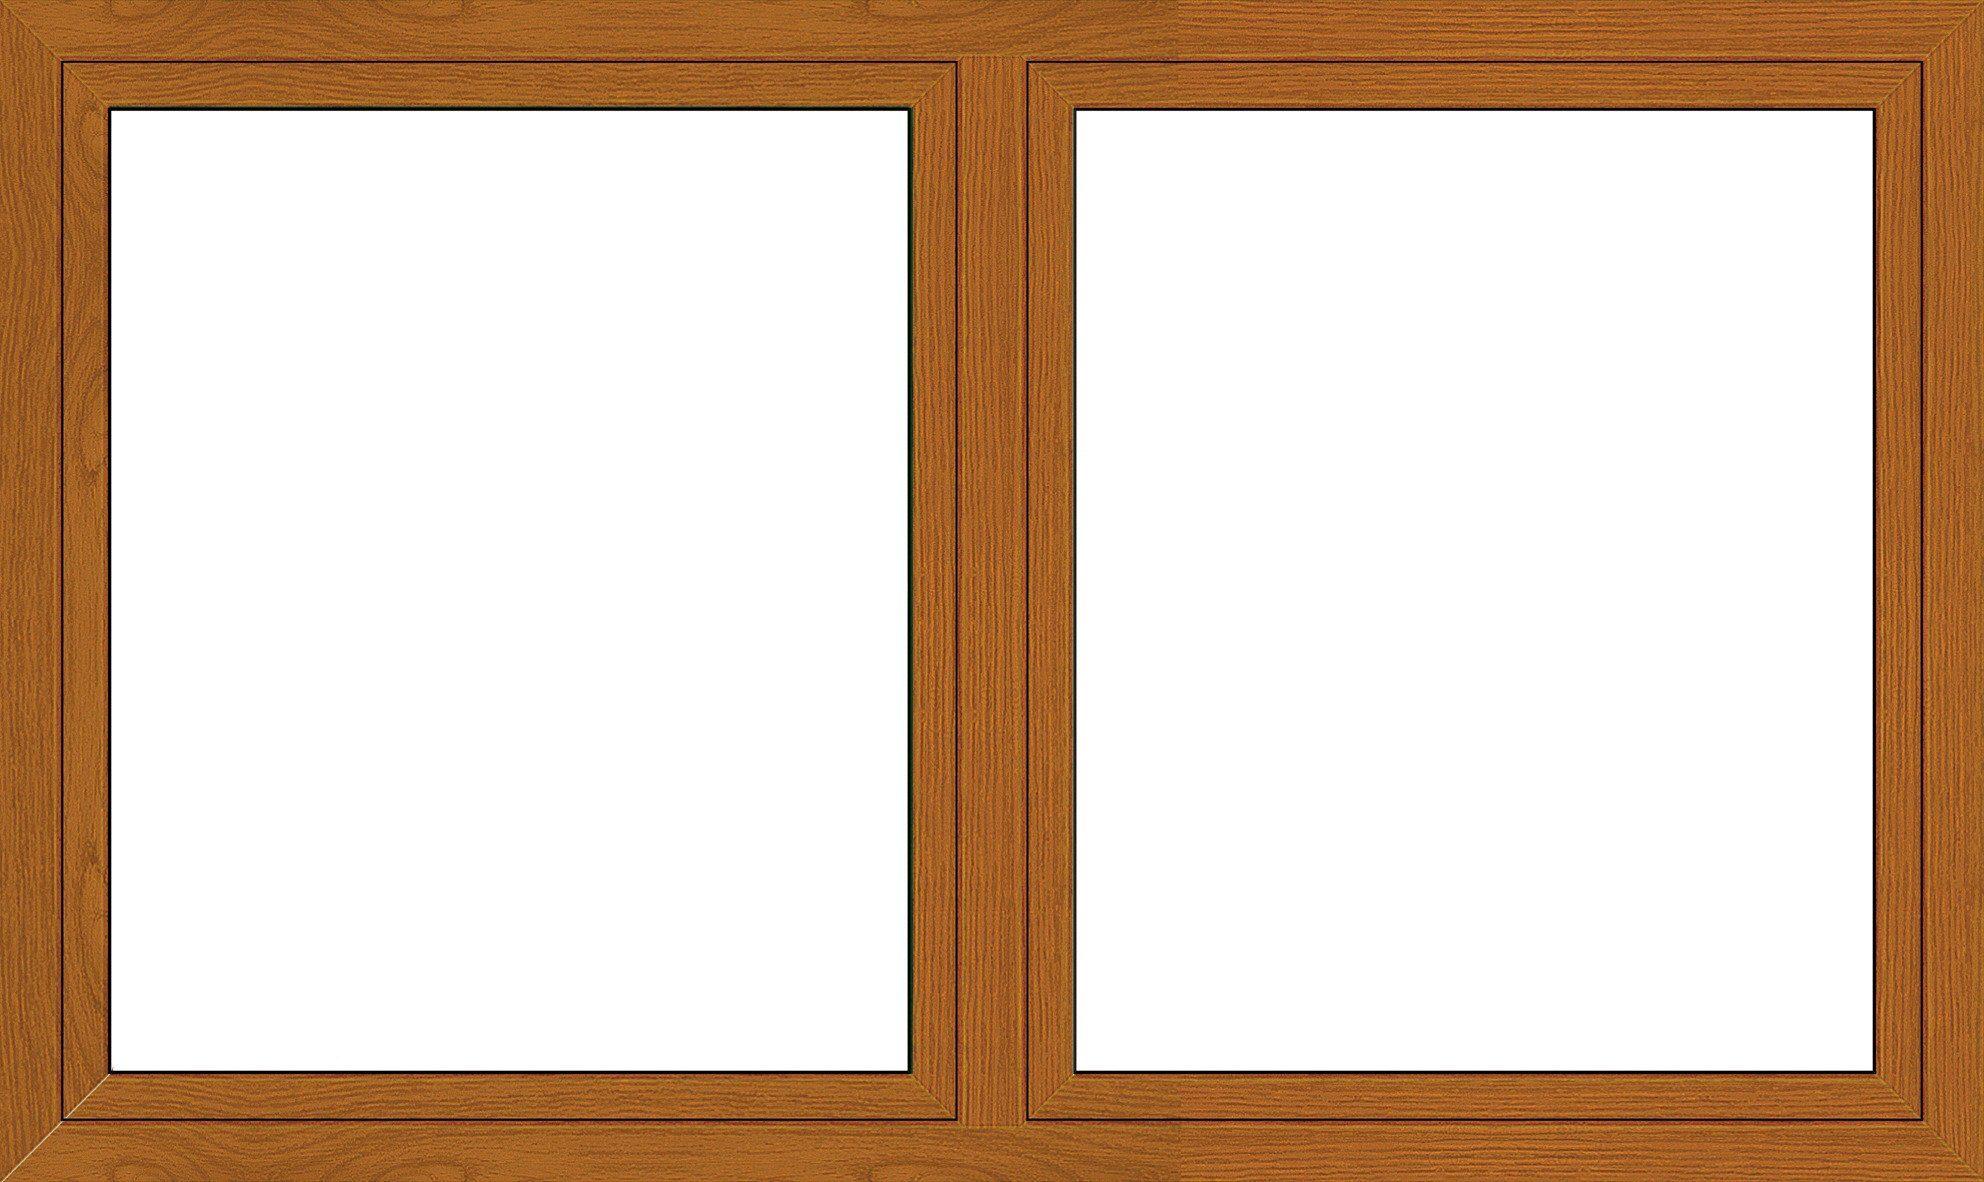 Kunststoff-Fenster, Festmaß »BxH: 170 x 120 cm« zweiflügelig, eichefarben-dunkel